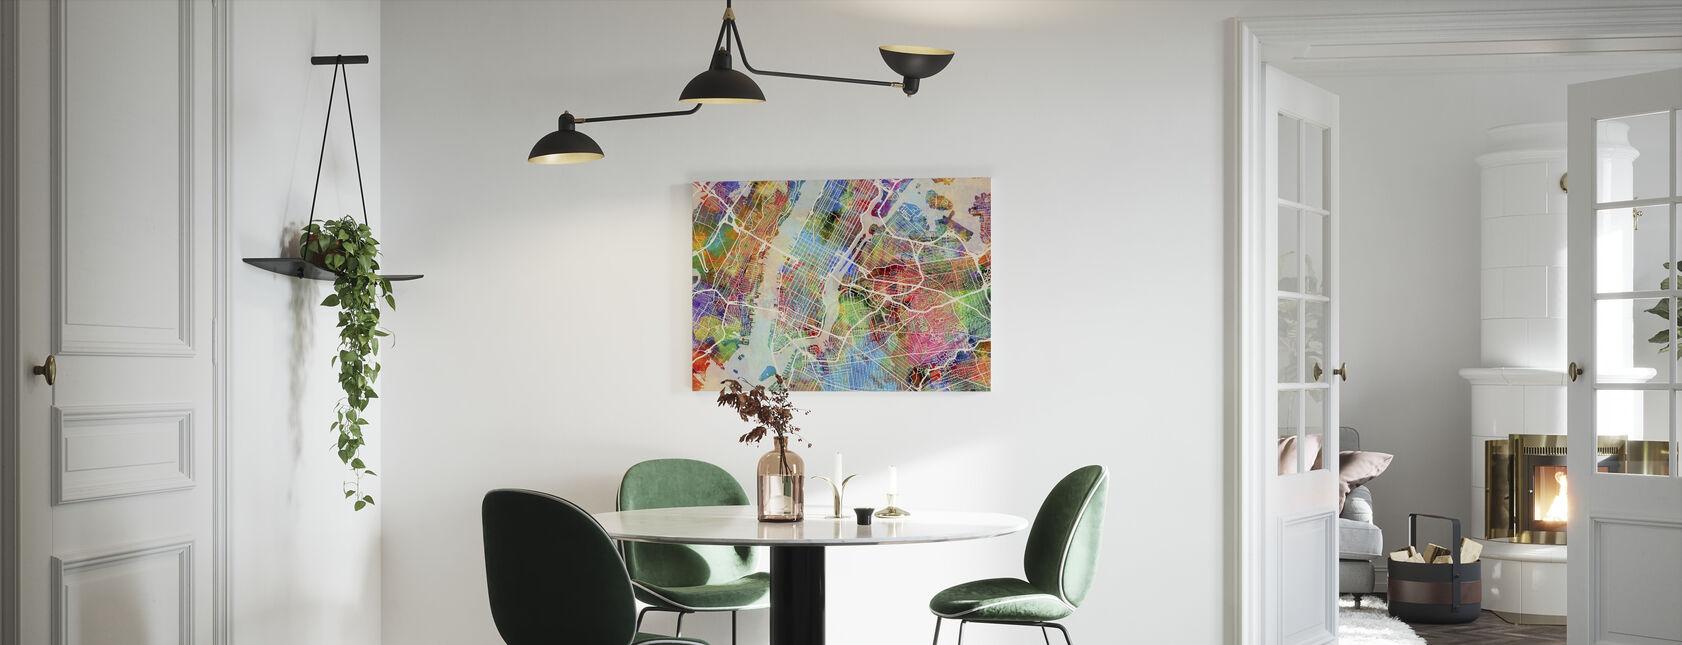 New York Street Map Flerfarget - Lerretsbilde - Kjøkken